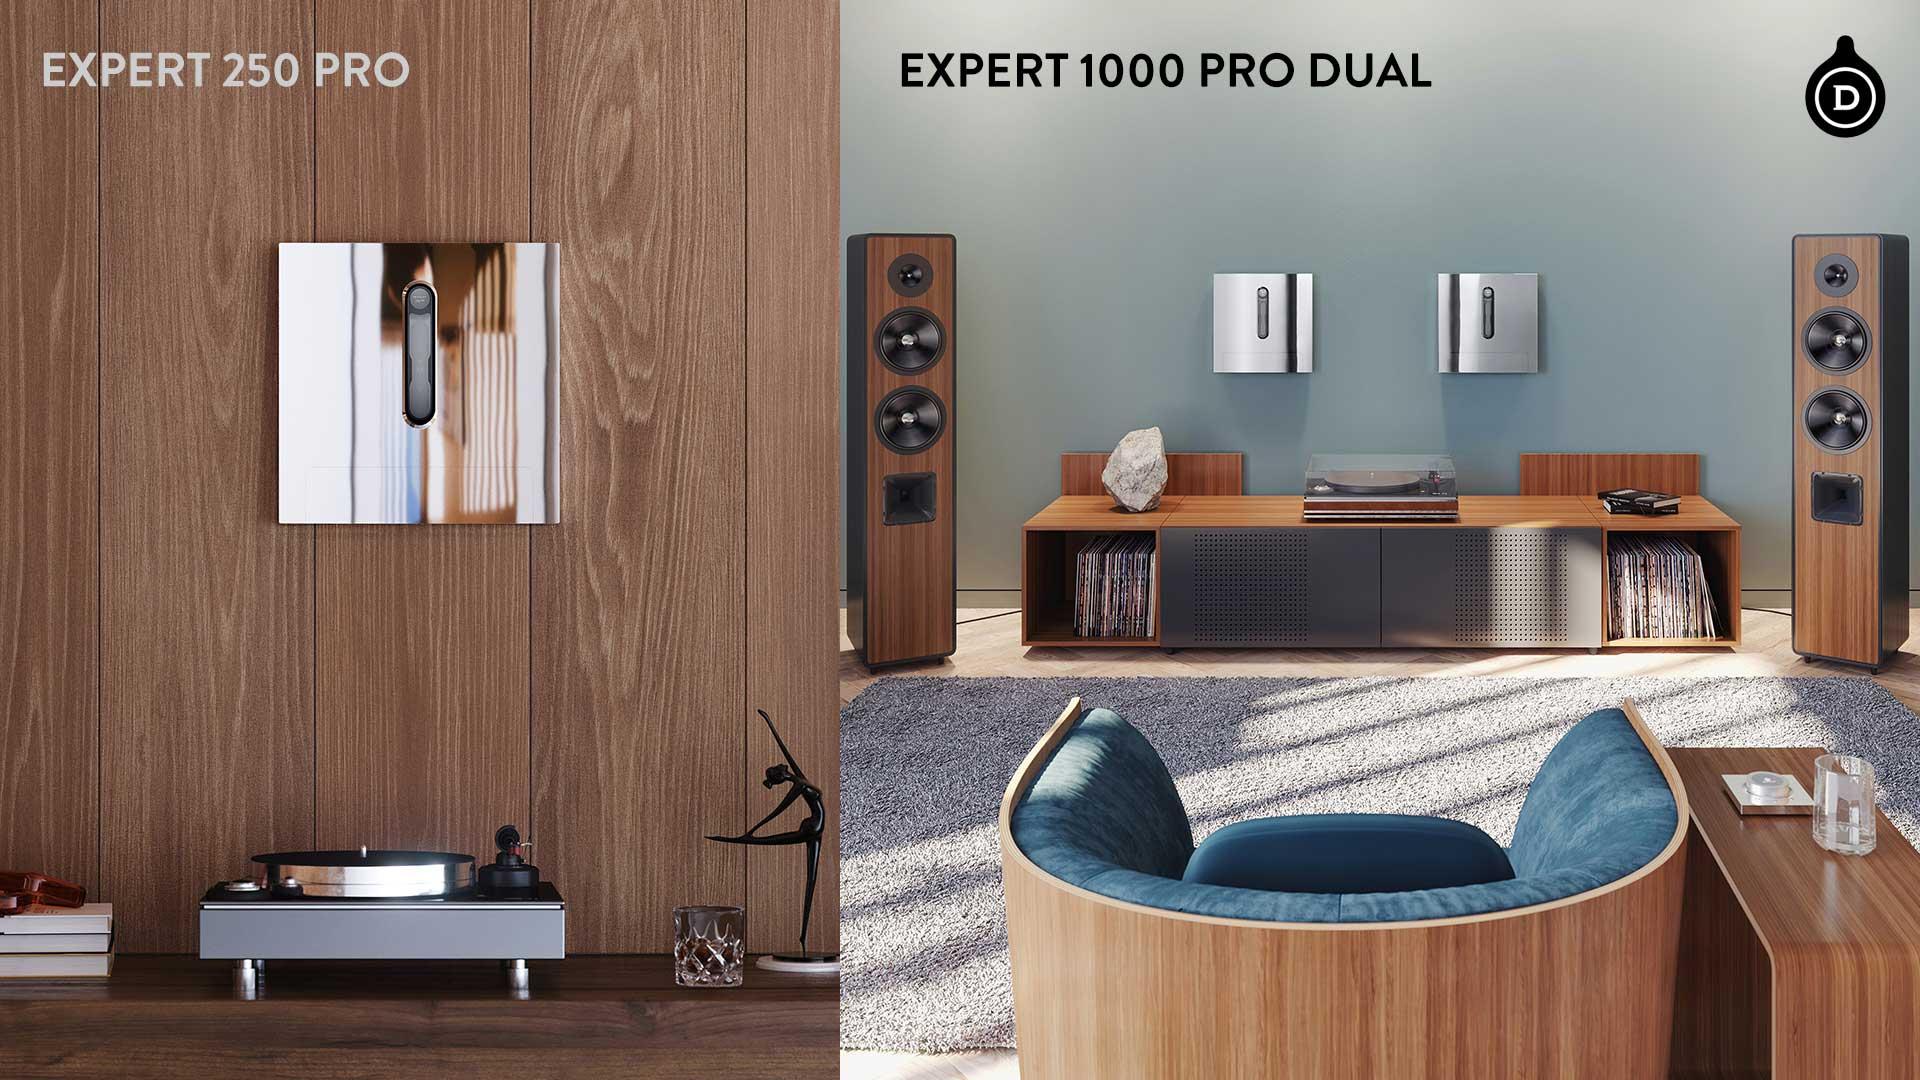 Devialet Expert 250 Pro + Expert 1000 Pro Dual | Unilet Sound & Vision